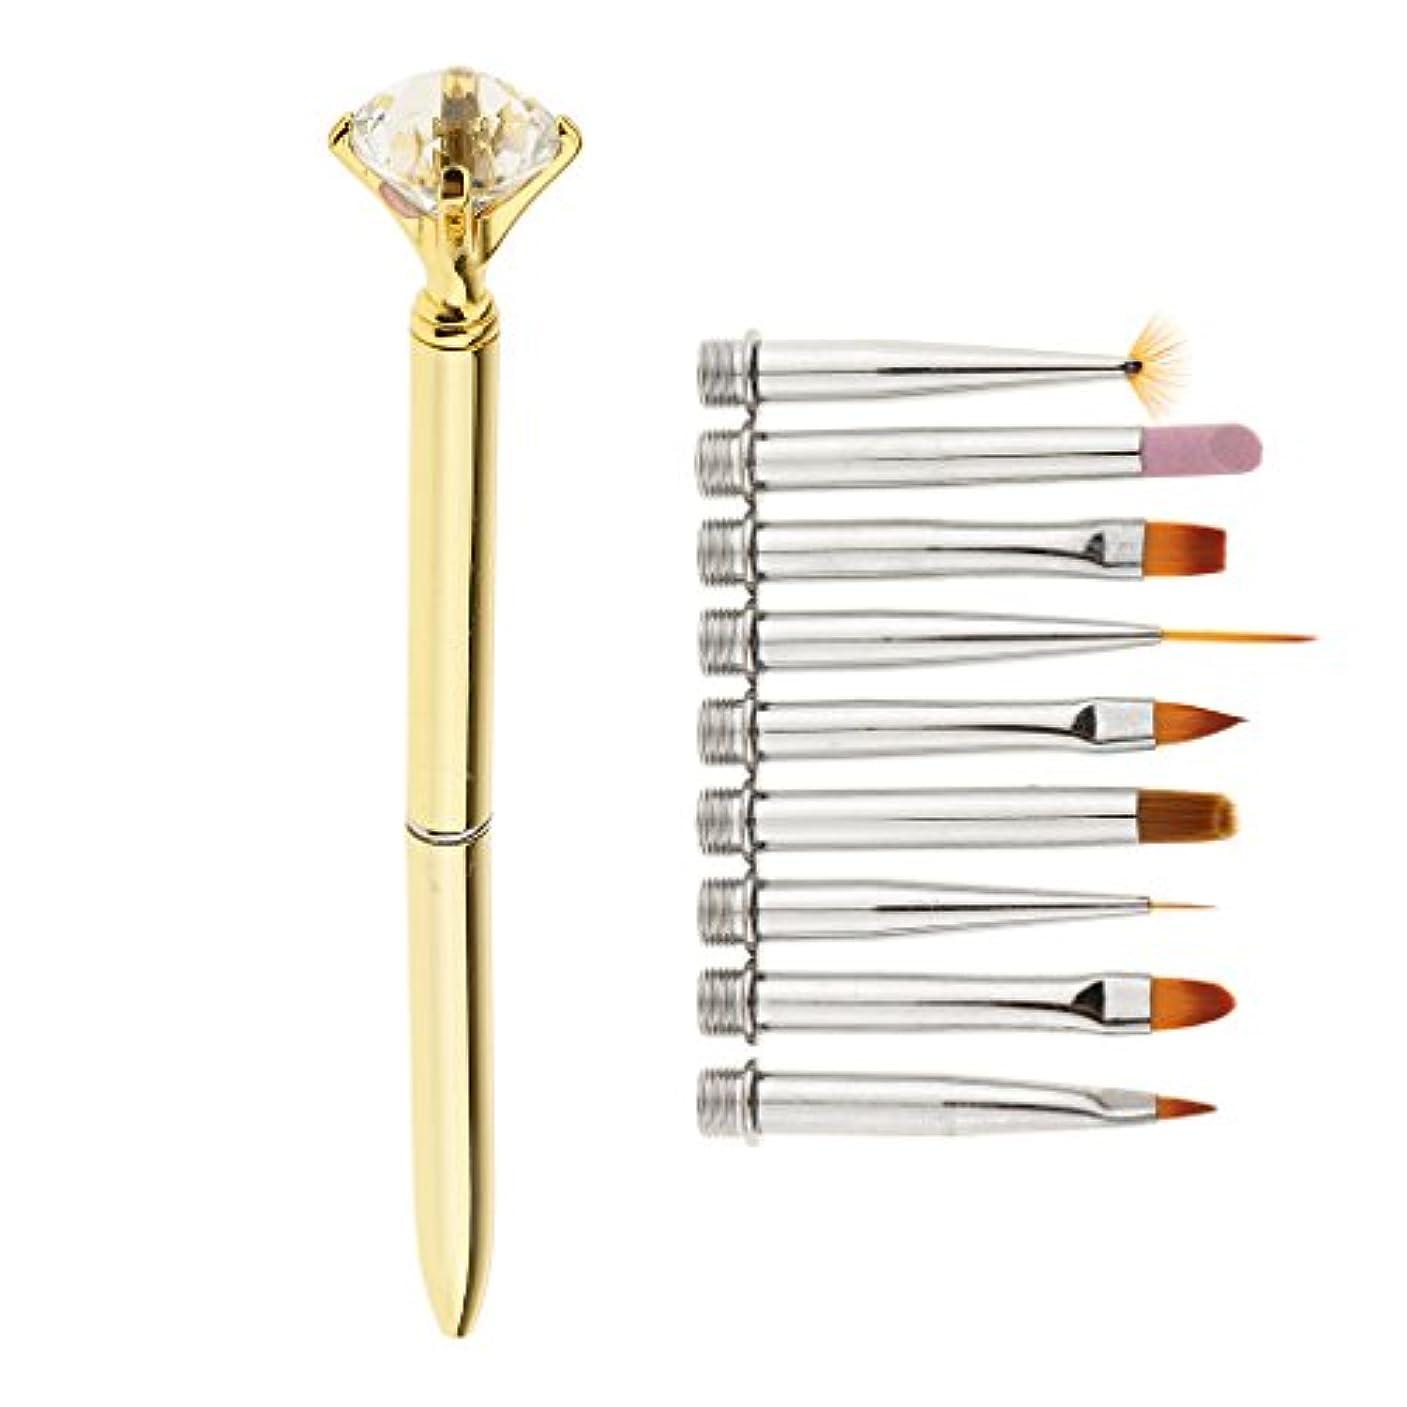 主婦分掻く3色選べ ネイルアートブラシ 3D描画ペン ヘッド交換可能 アートツール サロン用 DIYスタイル 1セット - ゴールド